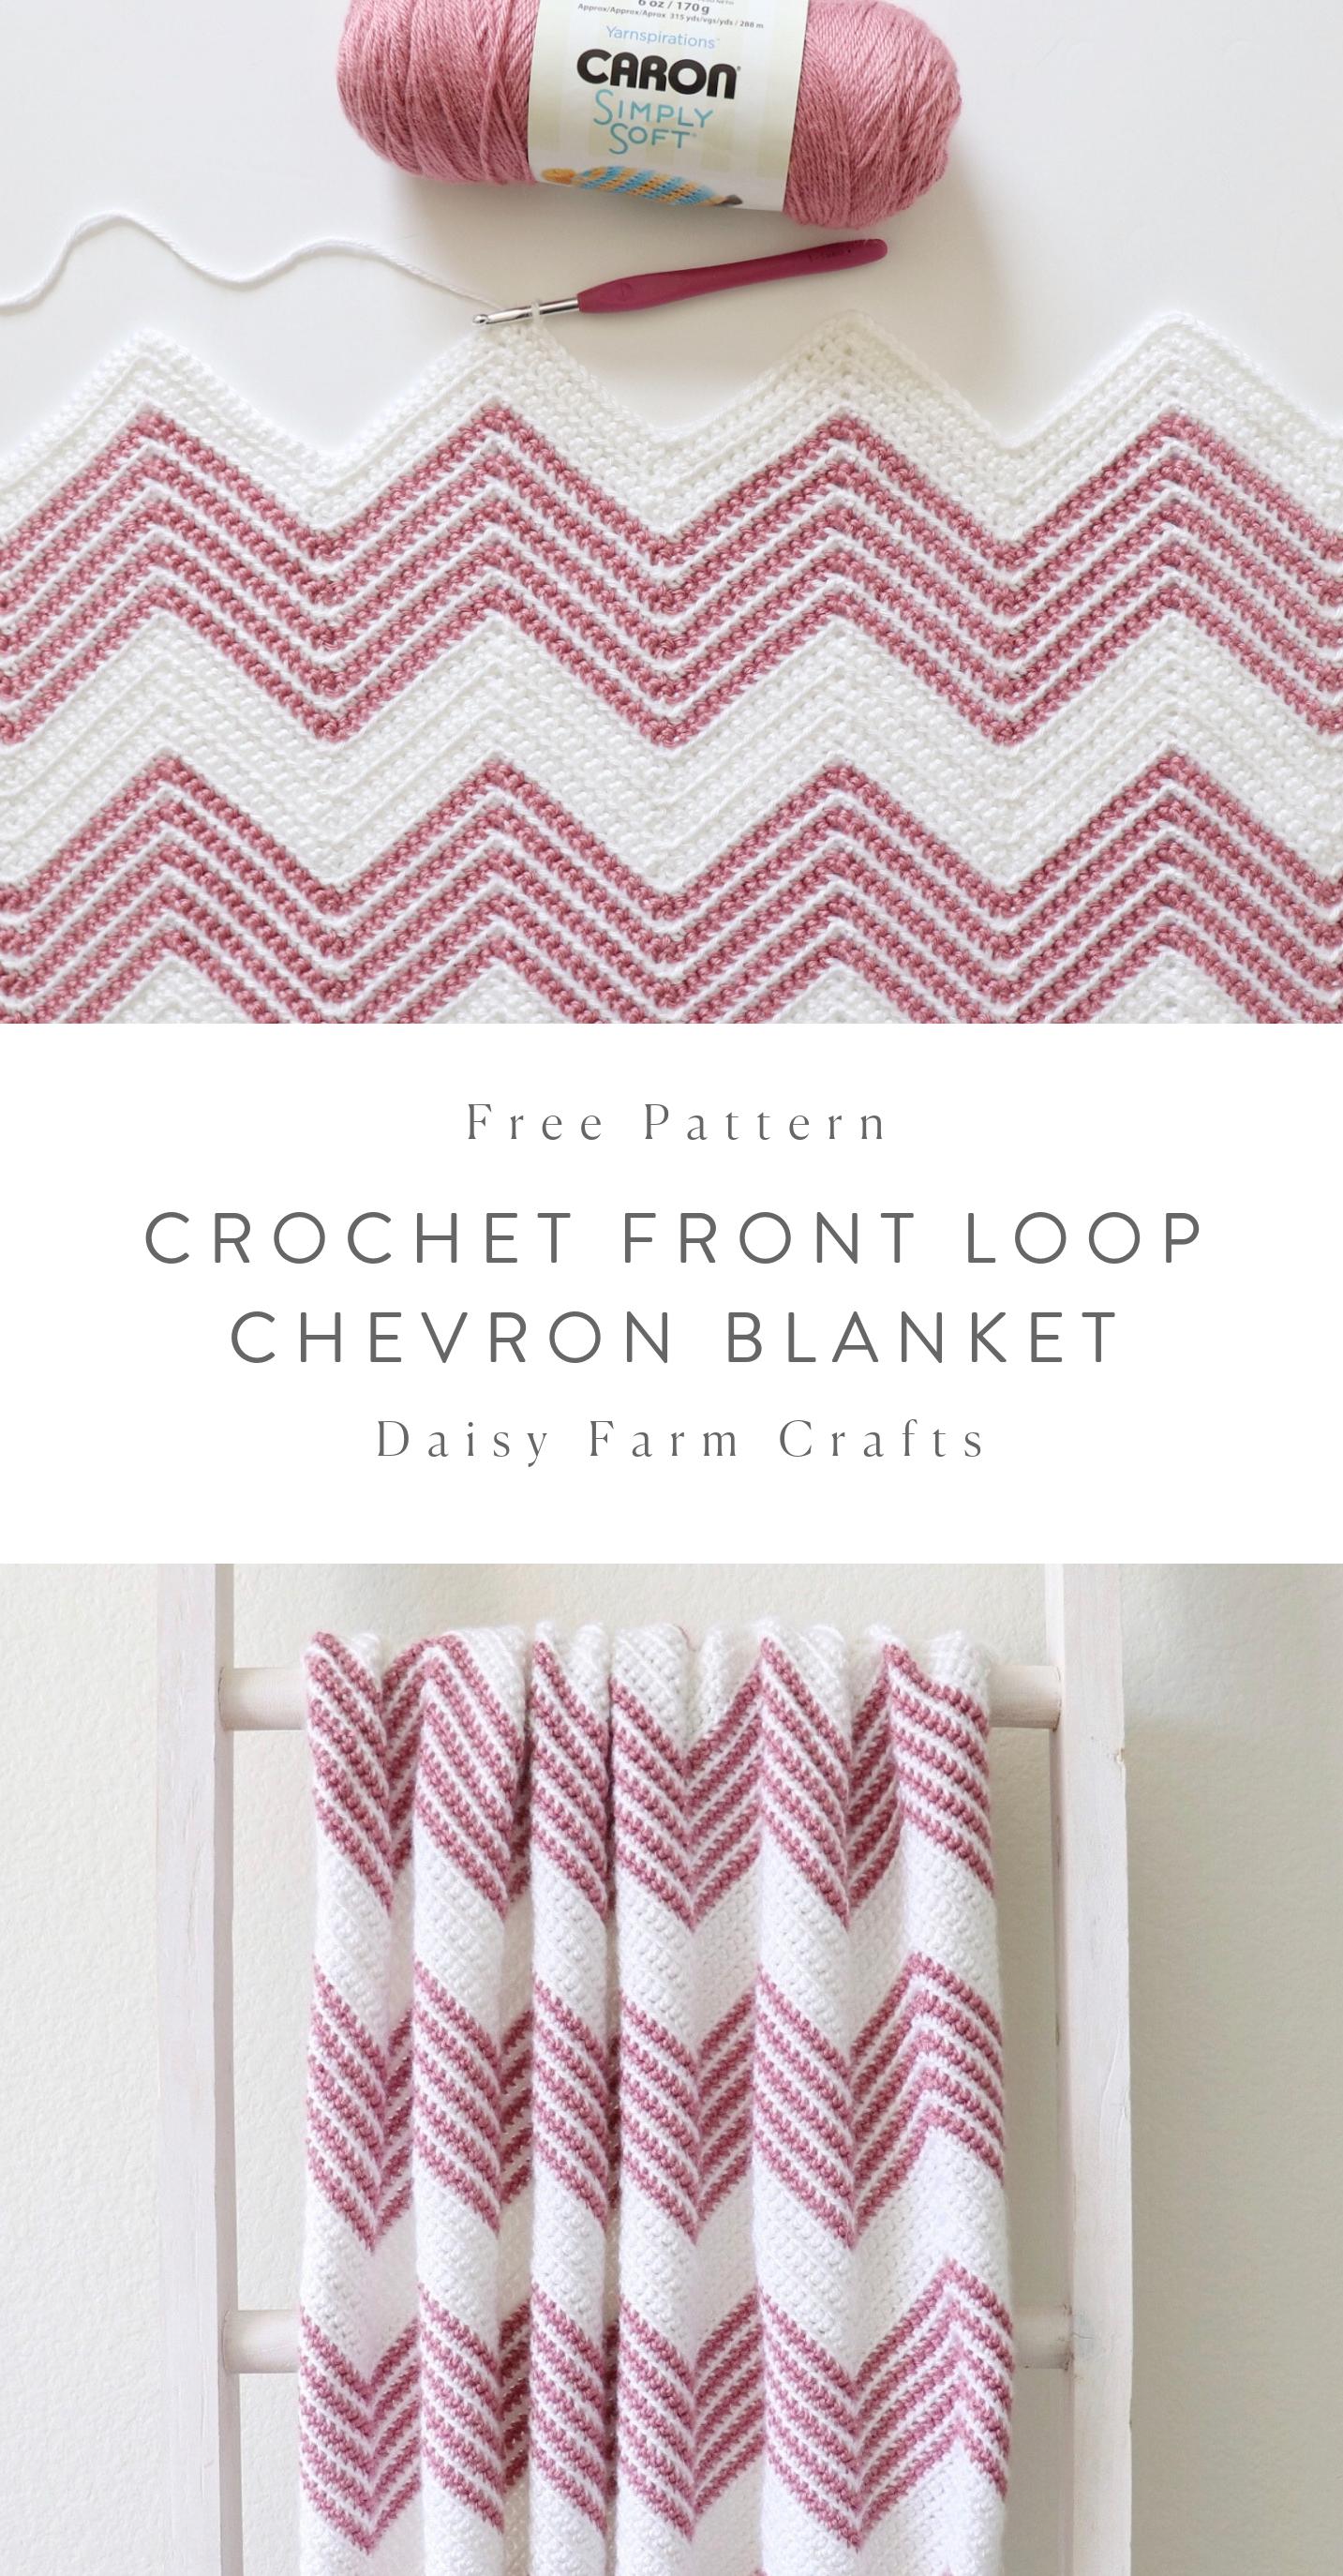 Free Pattern - Crochet Front Loop Chevron Blanket